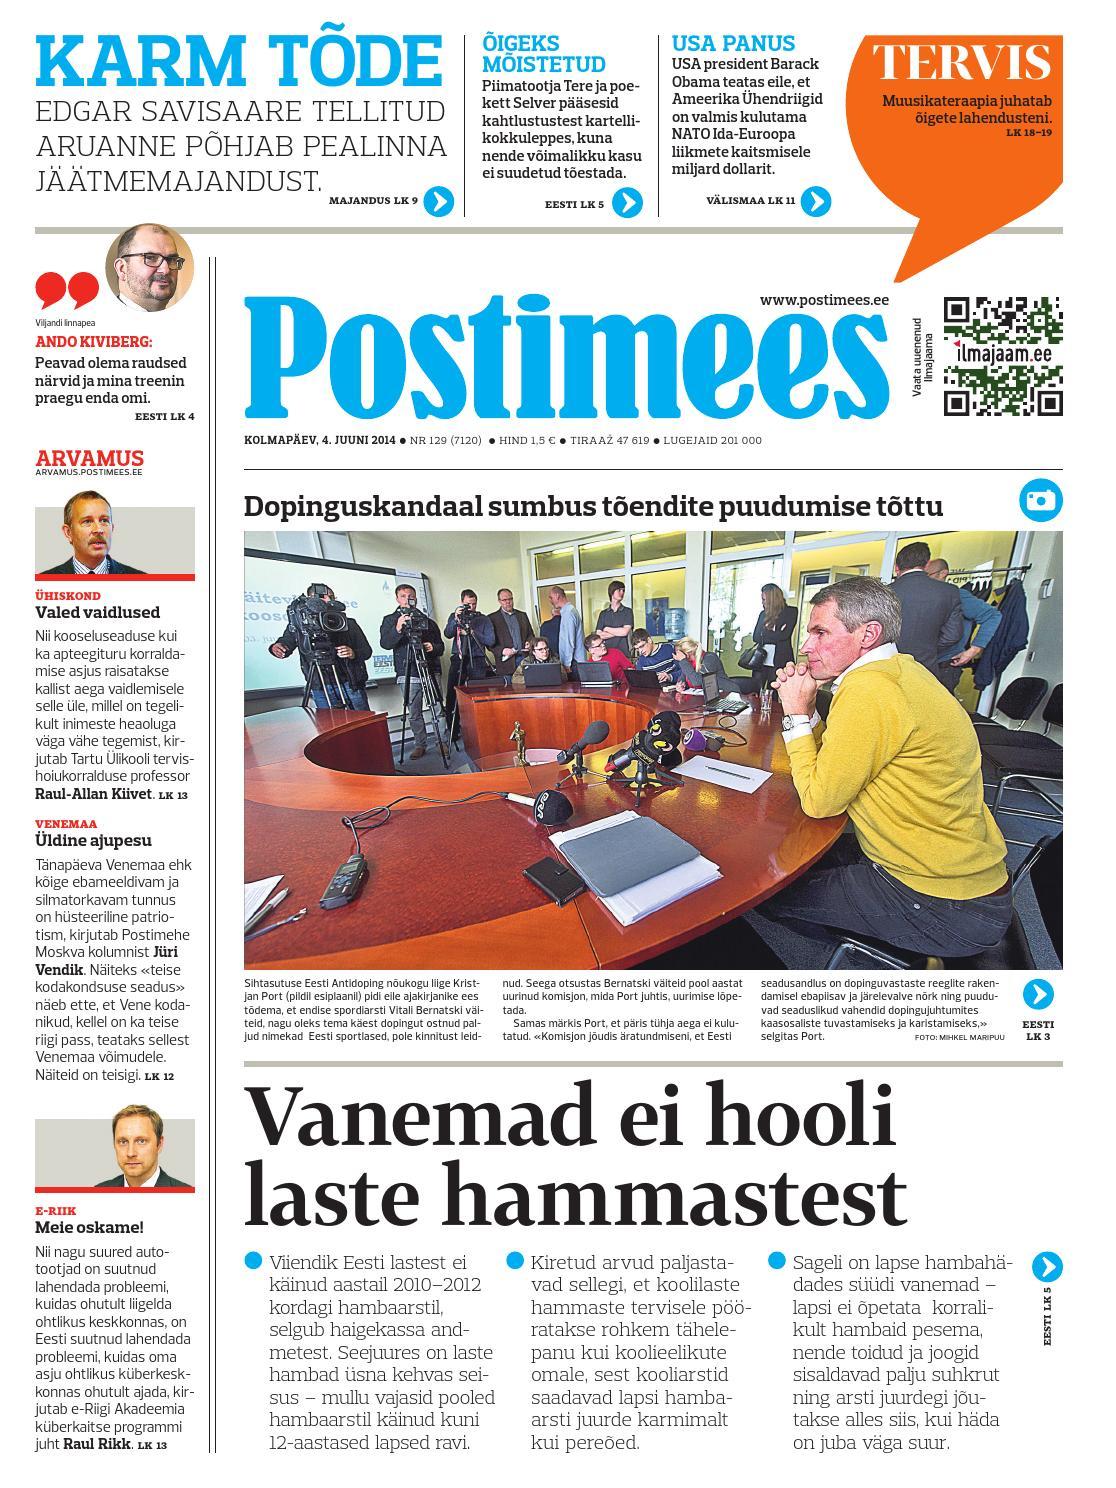 a0394da6958 Postimees 04 06 2014 by Postimees - issuu